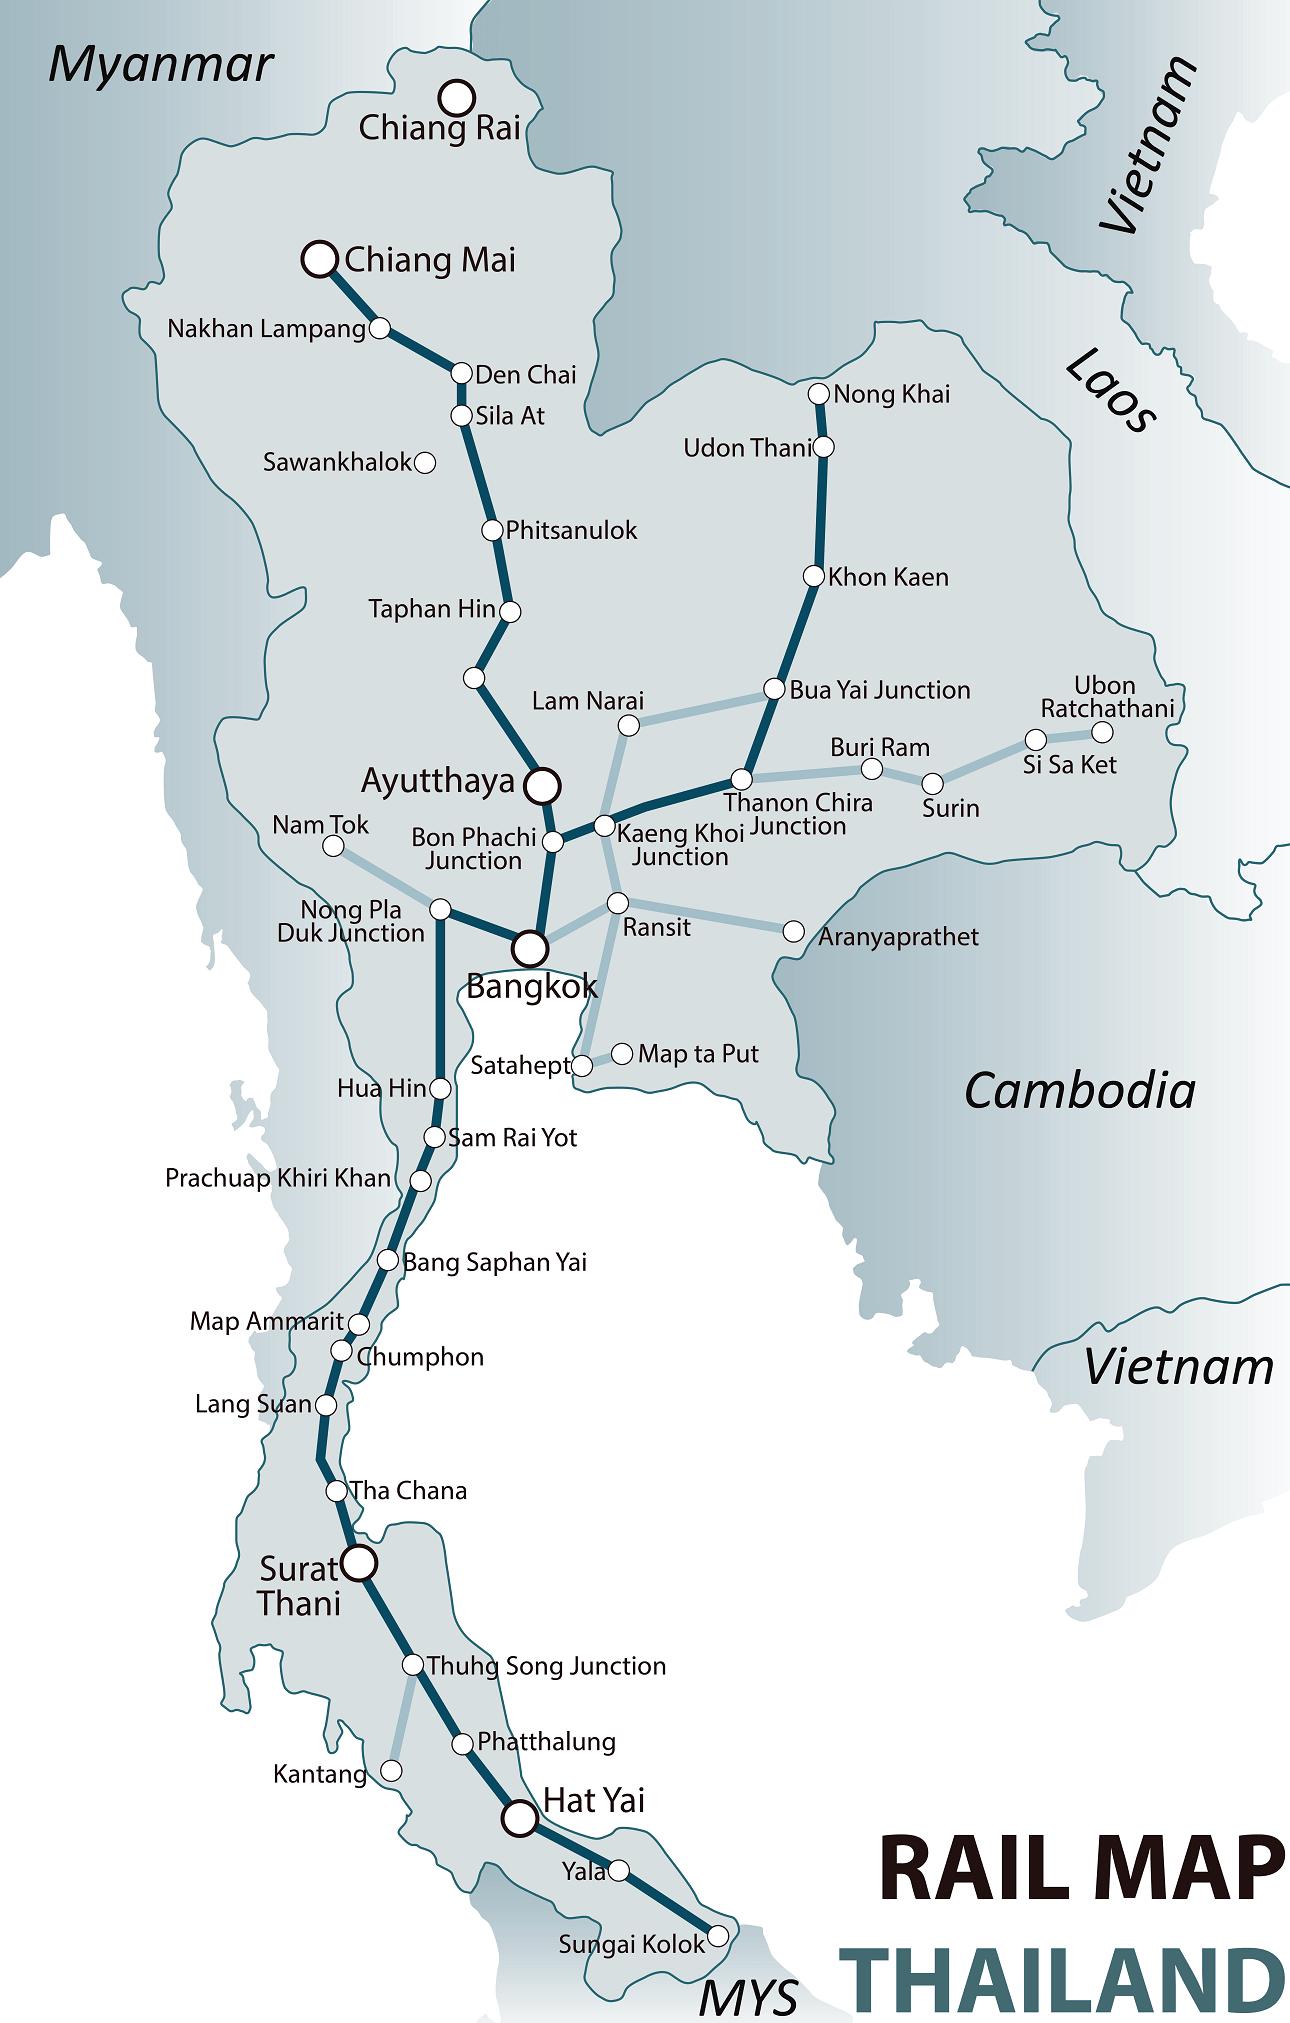 Thailand rail map